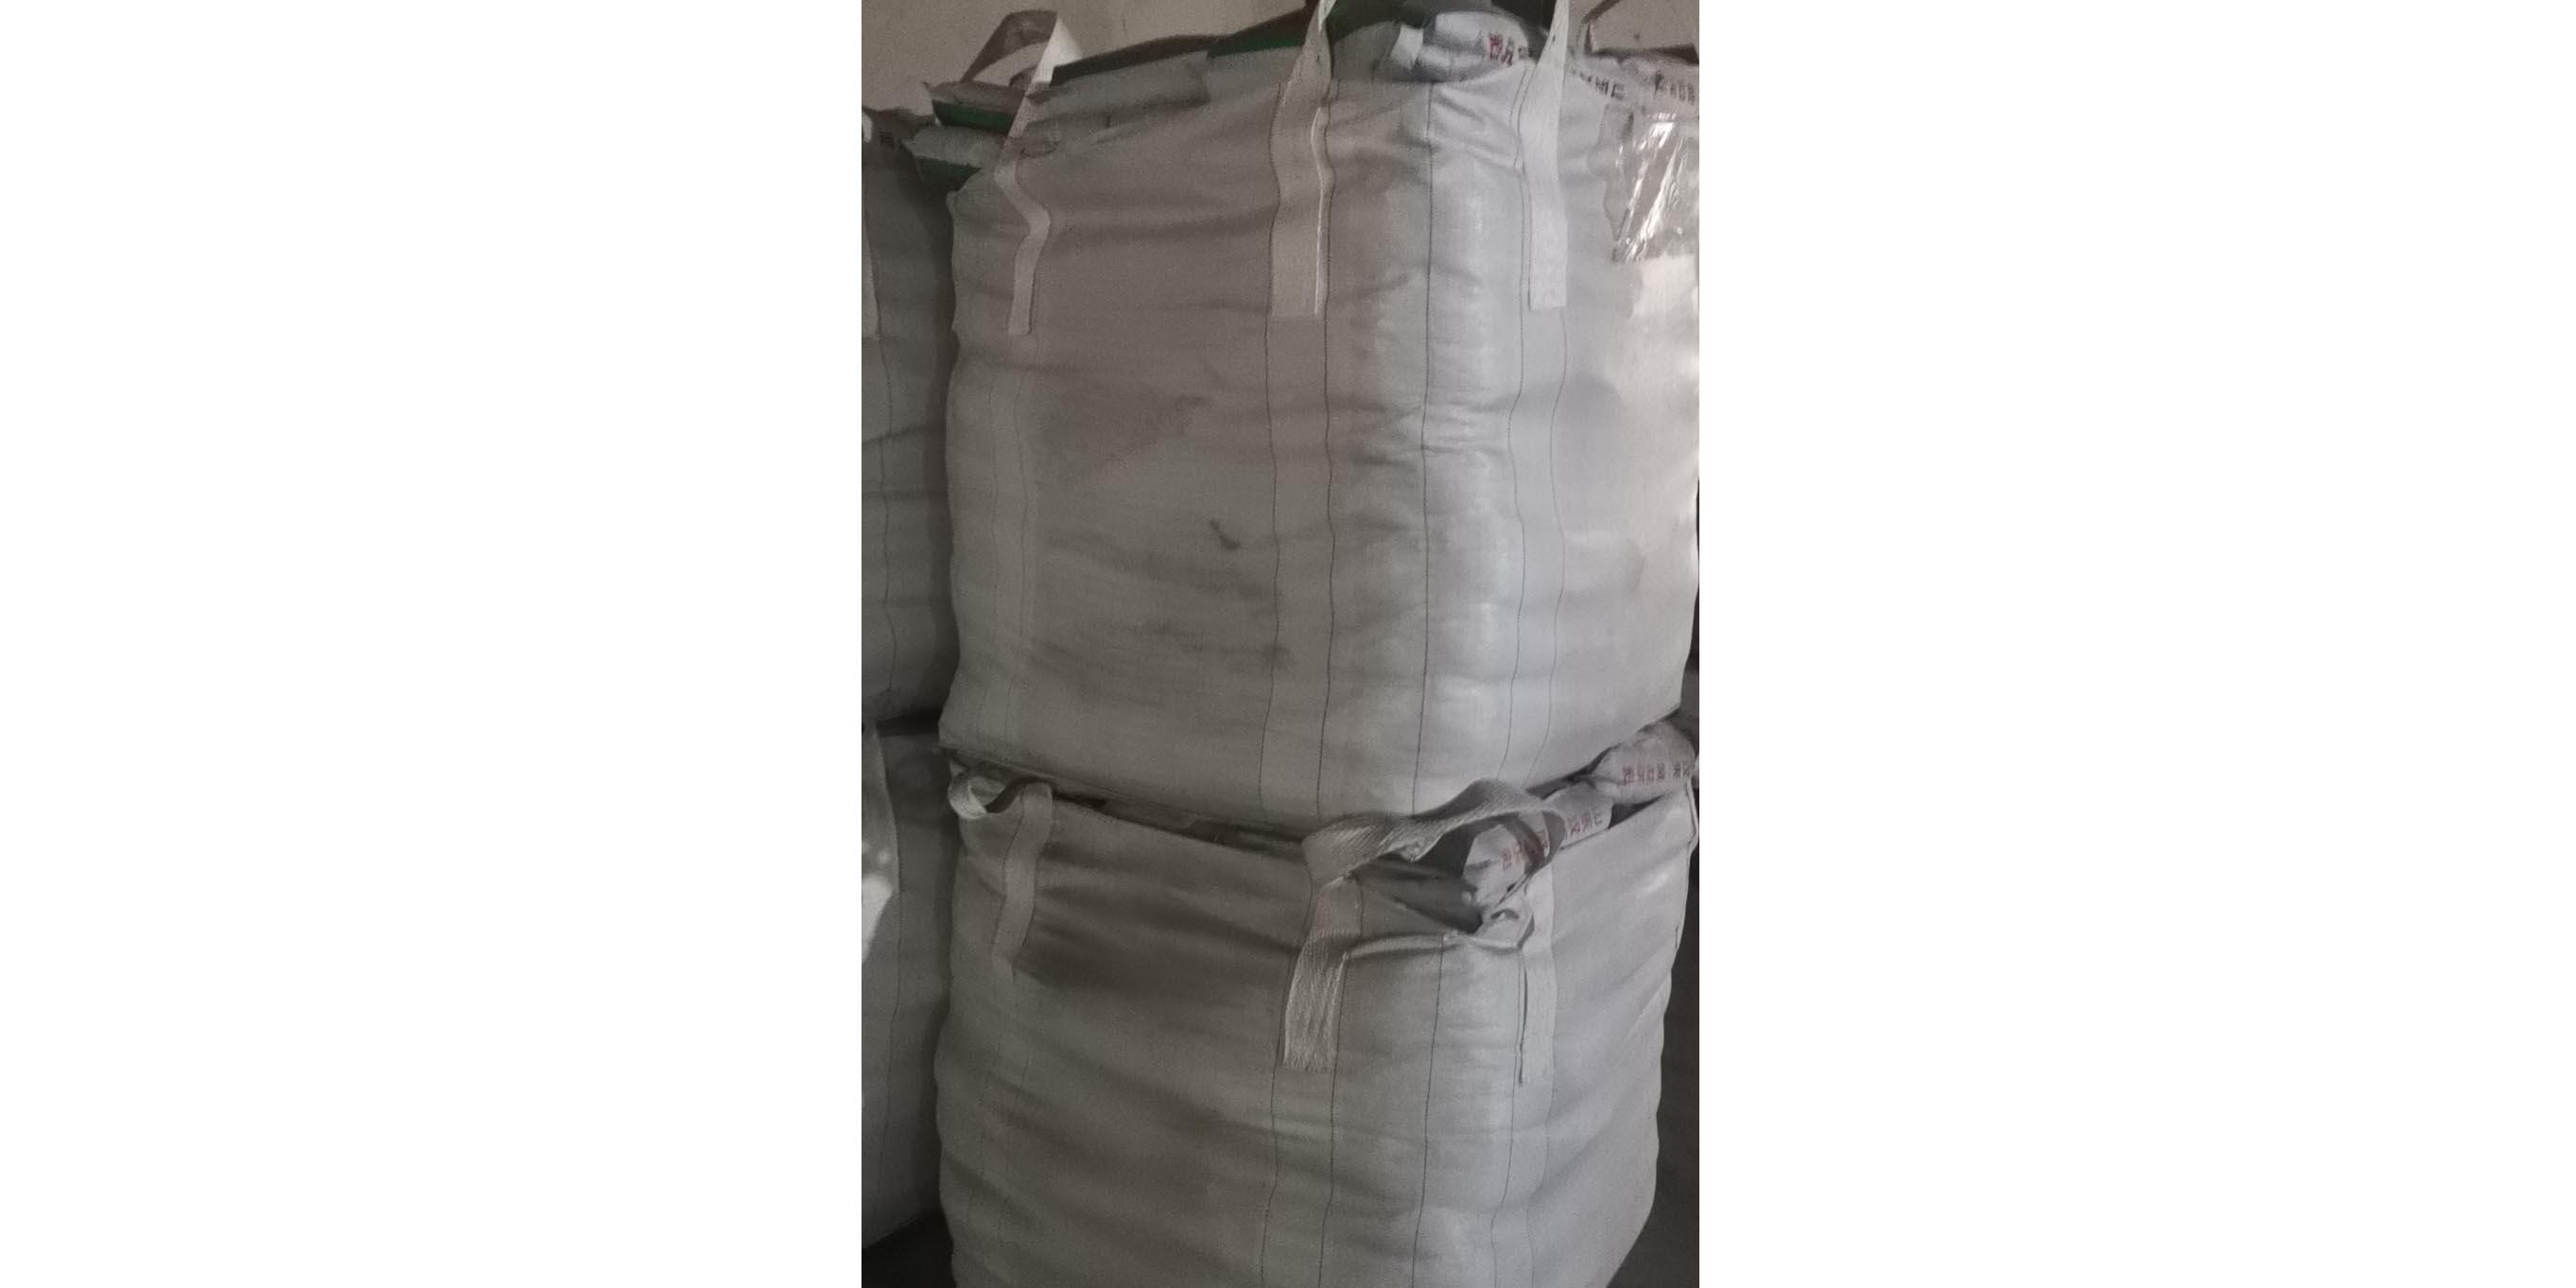 內蒙古玻化微珠砂漿采購 山東漢來保溫節能工程供應